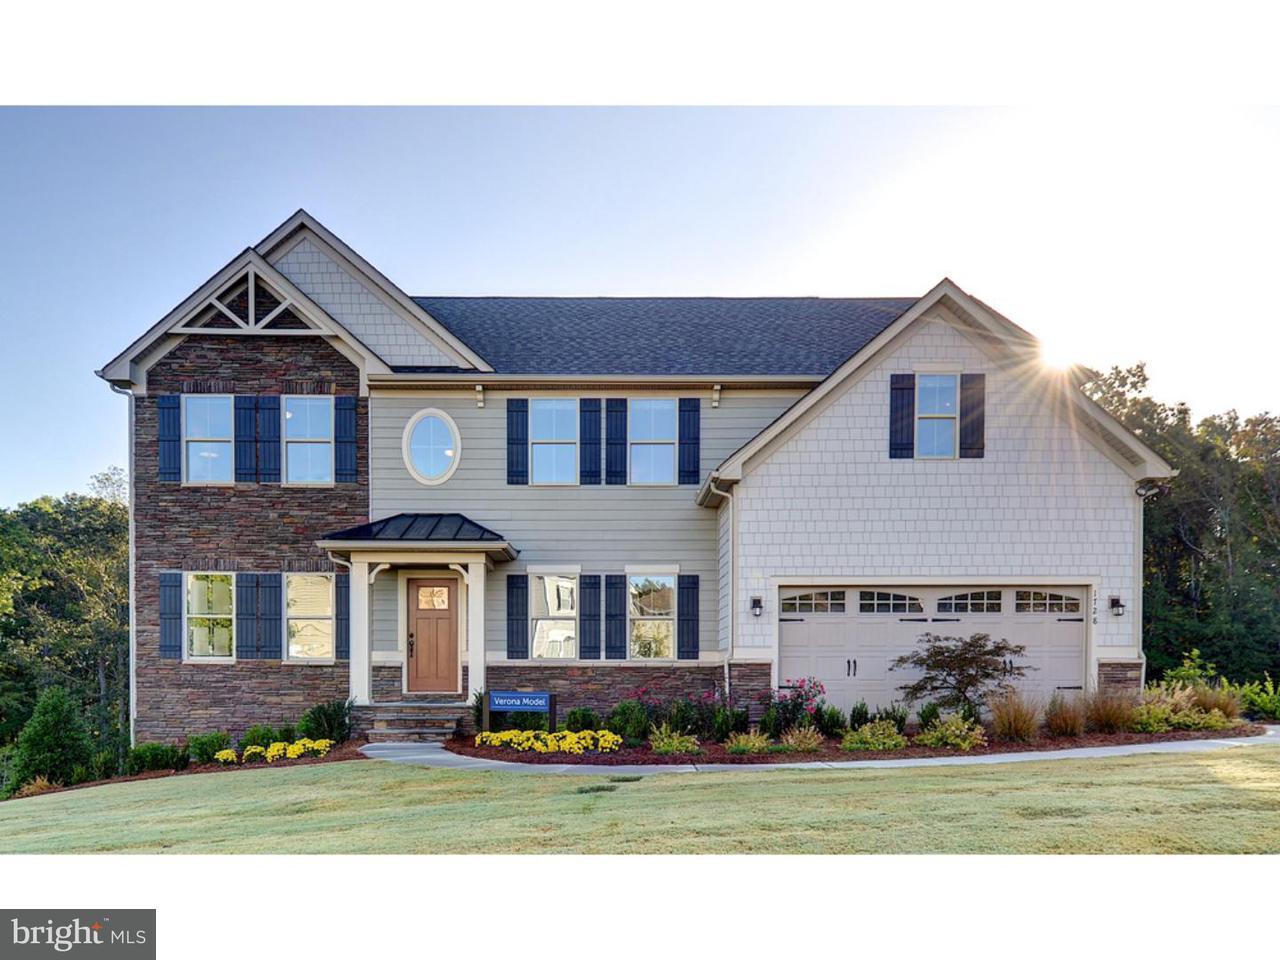 独户住宅 为 销售 在 8 EAST CROSSING Drive Mount Royal, 新泽西州 08061 美国